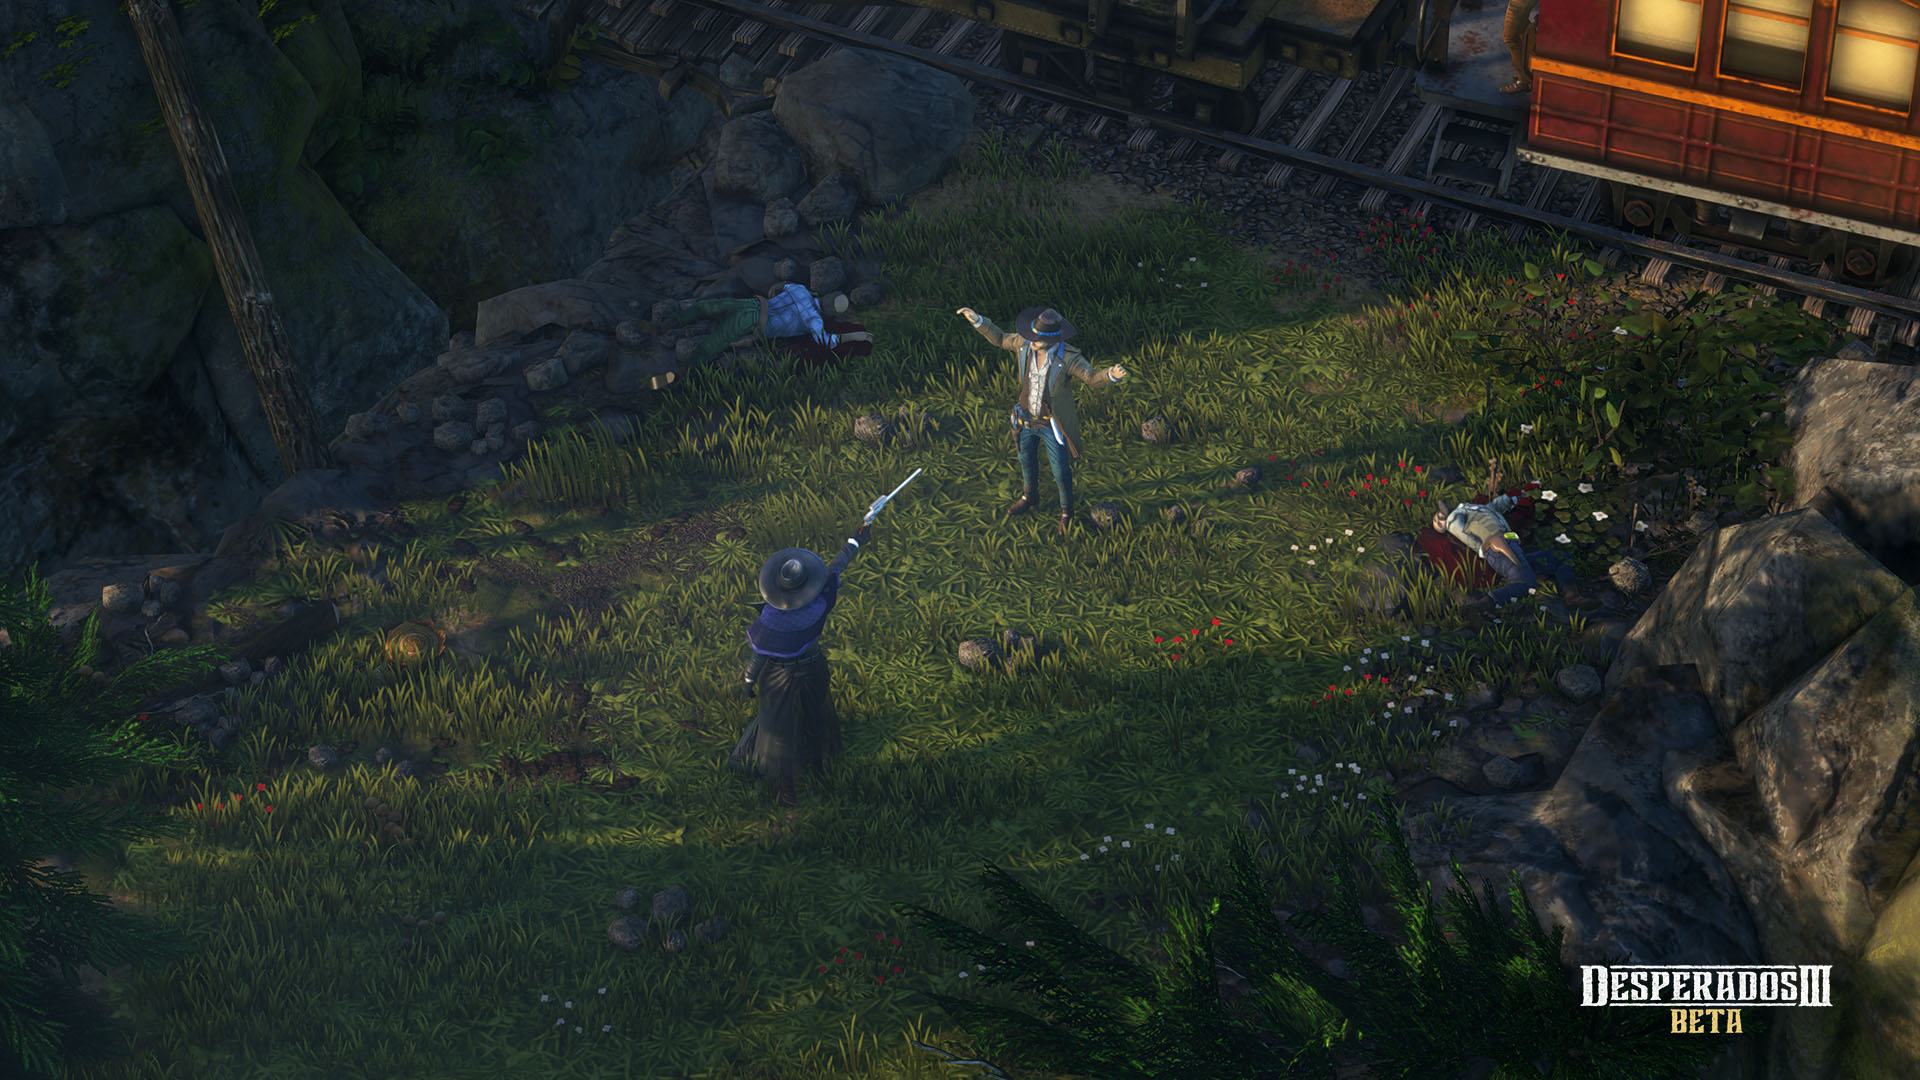 Desperados III sort, mitraille, dynamite et ne déçoit. On perçoit quand même une rigidité, limitant la créative. Mais le jeu atteint pleinement son objectif.